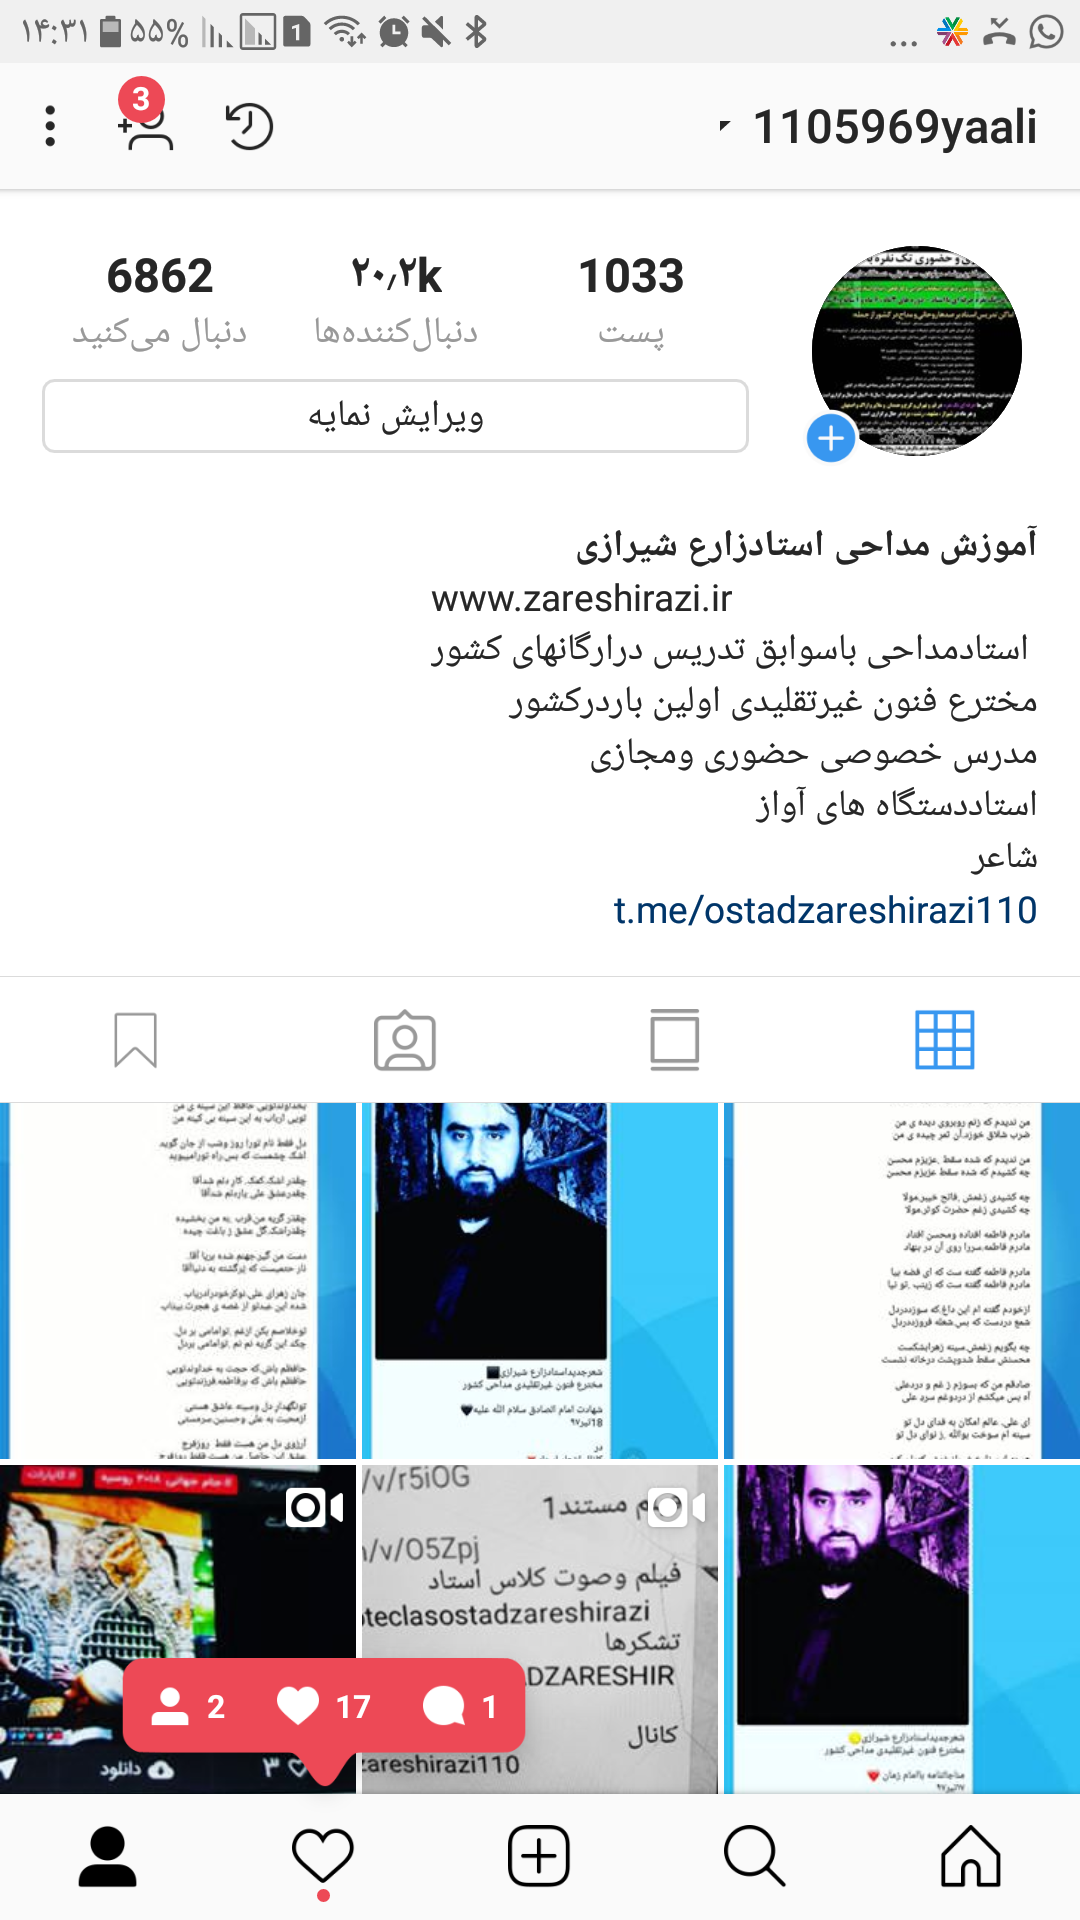 صفحه اینستگرام استادزارع شیرازی1105969yaali